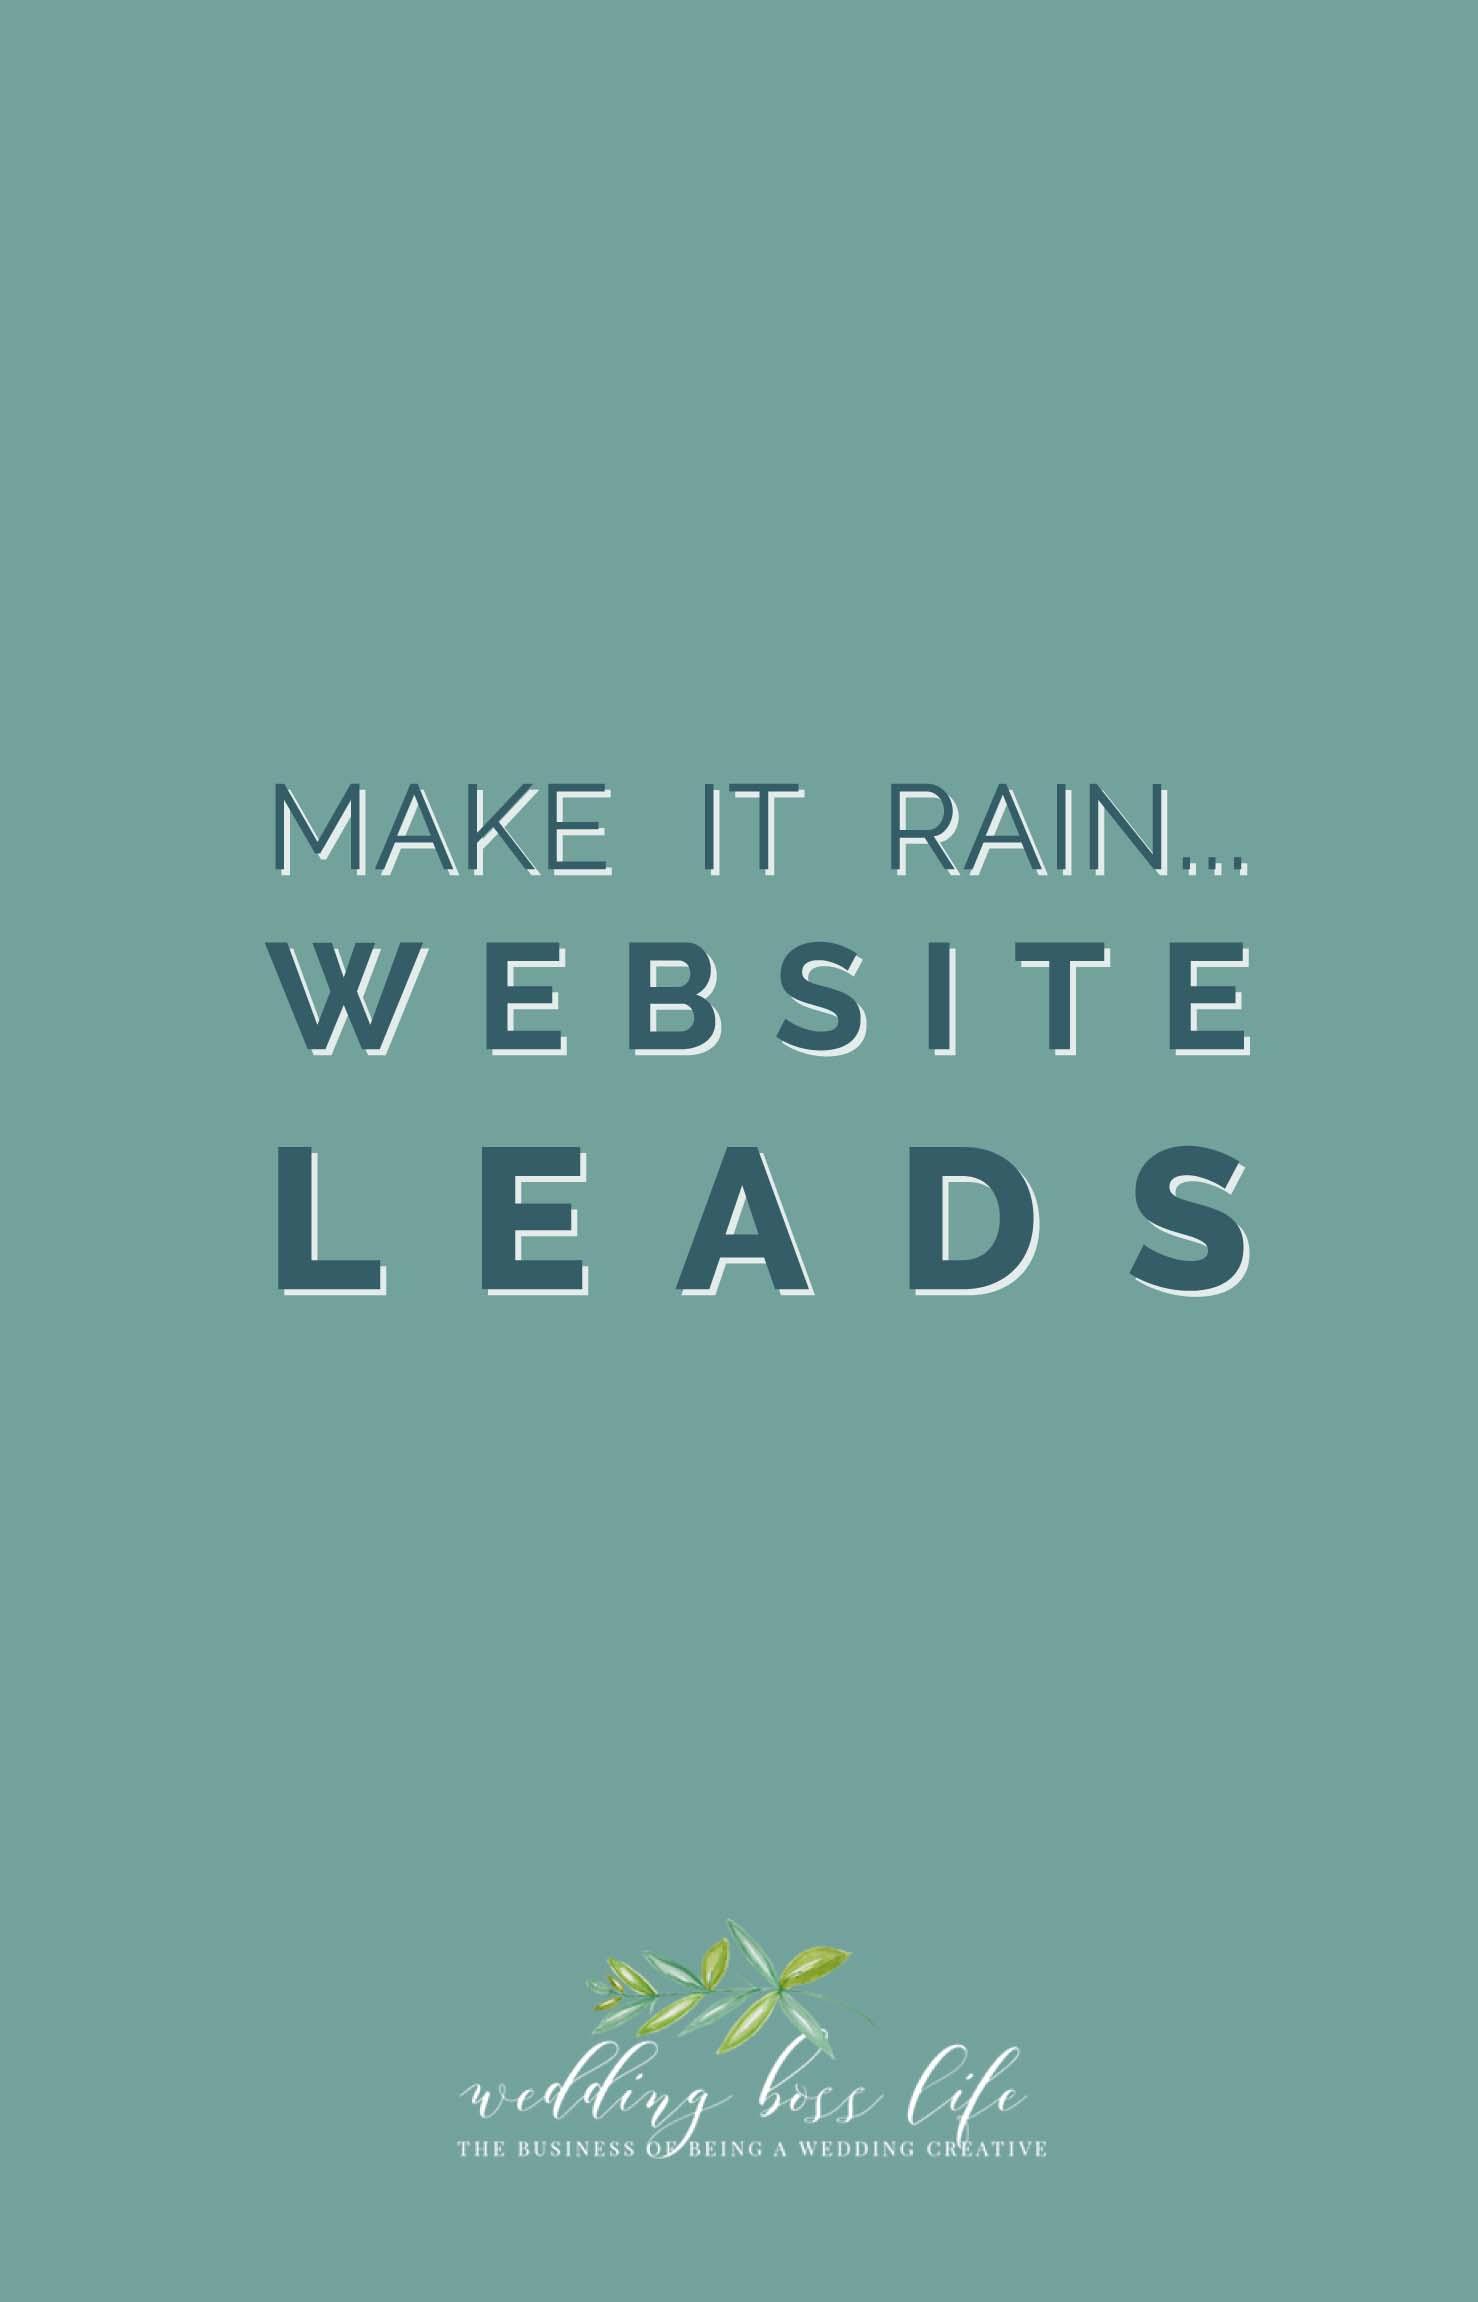 Make it Rain Website Leads